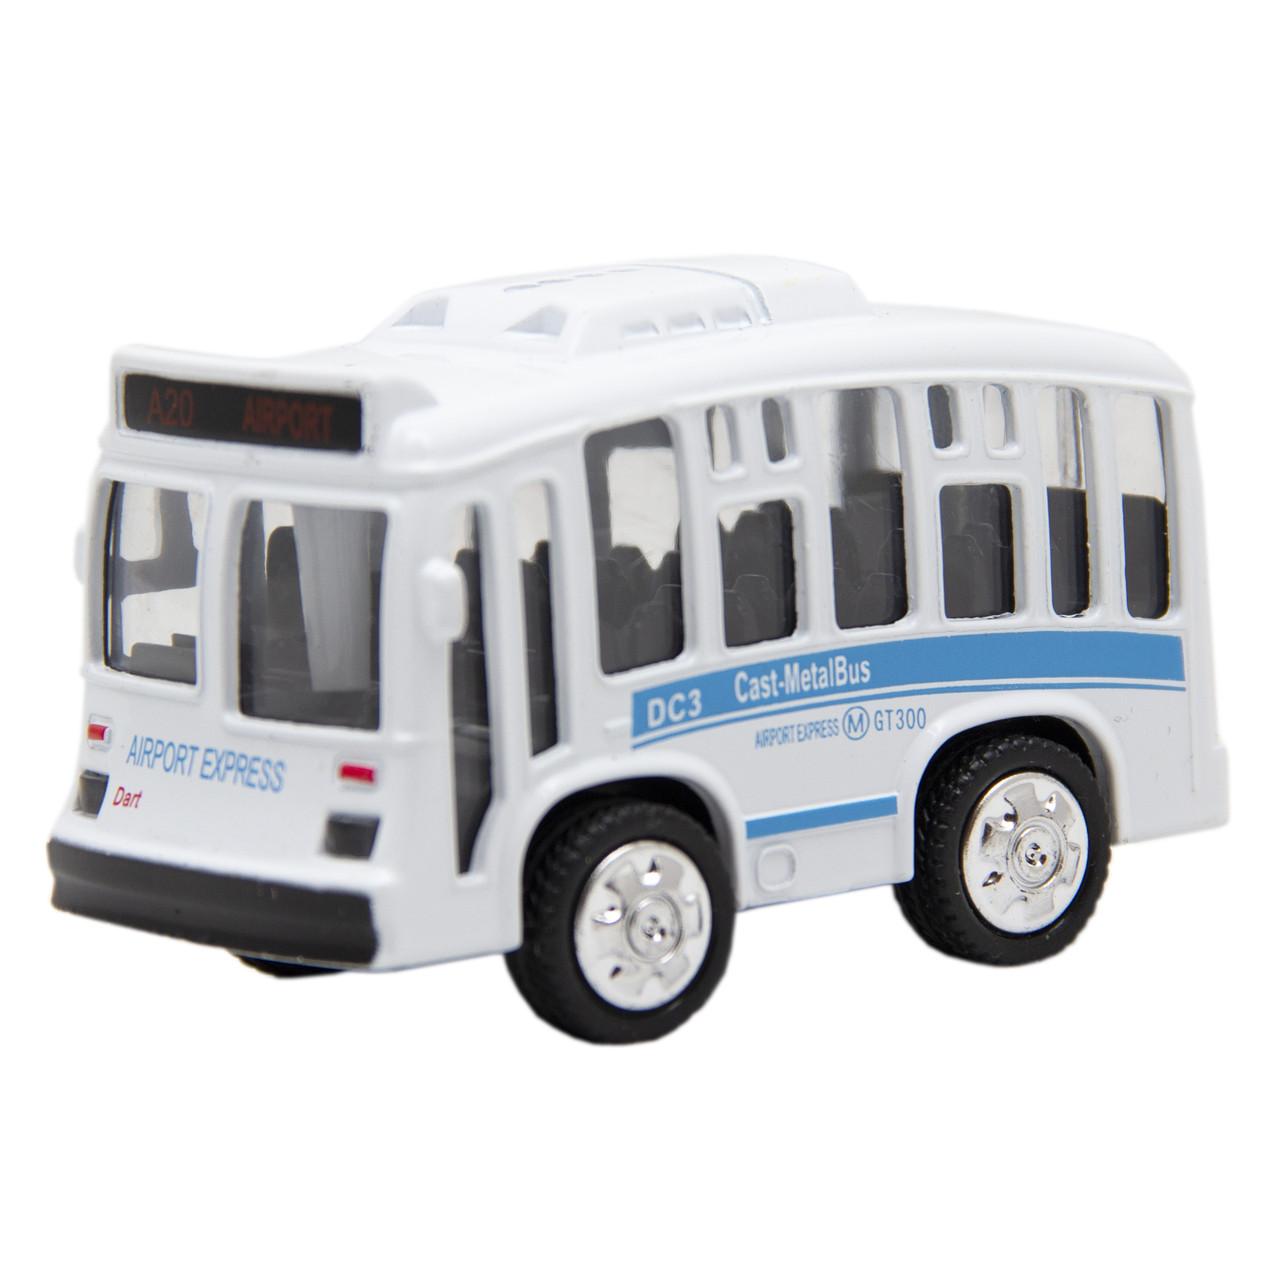 Іграшка дитяча - Автобус 1:36, інерційний, музичний, 8*5*4 см, білий, метал (A872784MK-W-1)